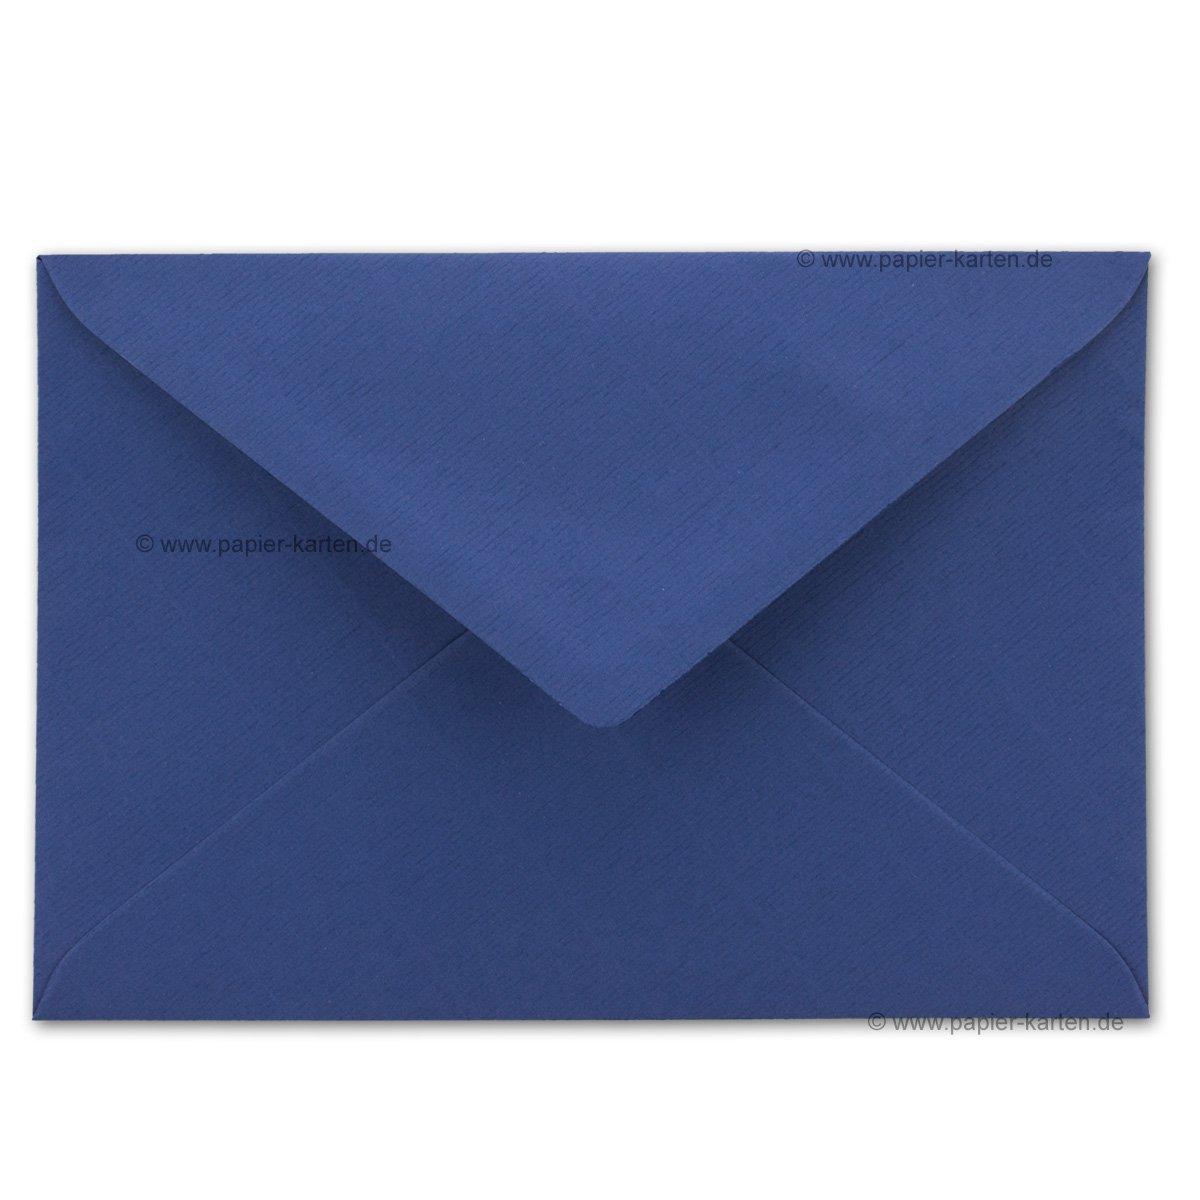 500x Brief-Umschläge C5 - Weiß - gefüttert mit grauem Seidenpapier Seidenpapier Seidenpapier - 100 g m² - 229 x 162 mm - Nassklebung - Qualitätsmarke  NEUSER FarbenFroh B077J1PL17 | Ausgezeichnetes Handwerk  | Neuer Eintrag  | Feinbearbeitung  6f69bc